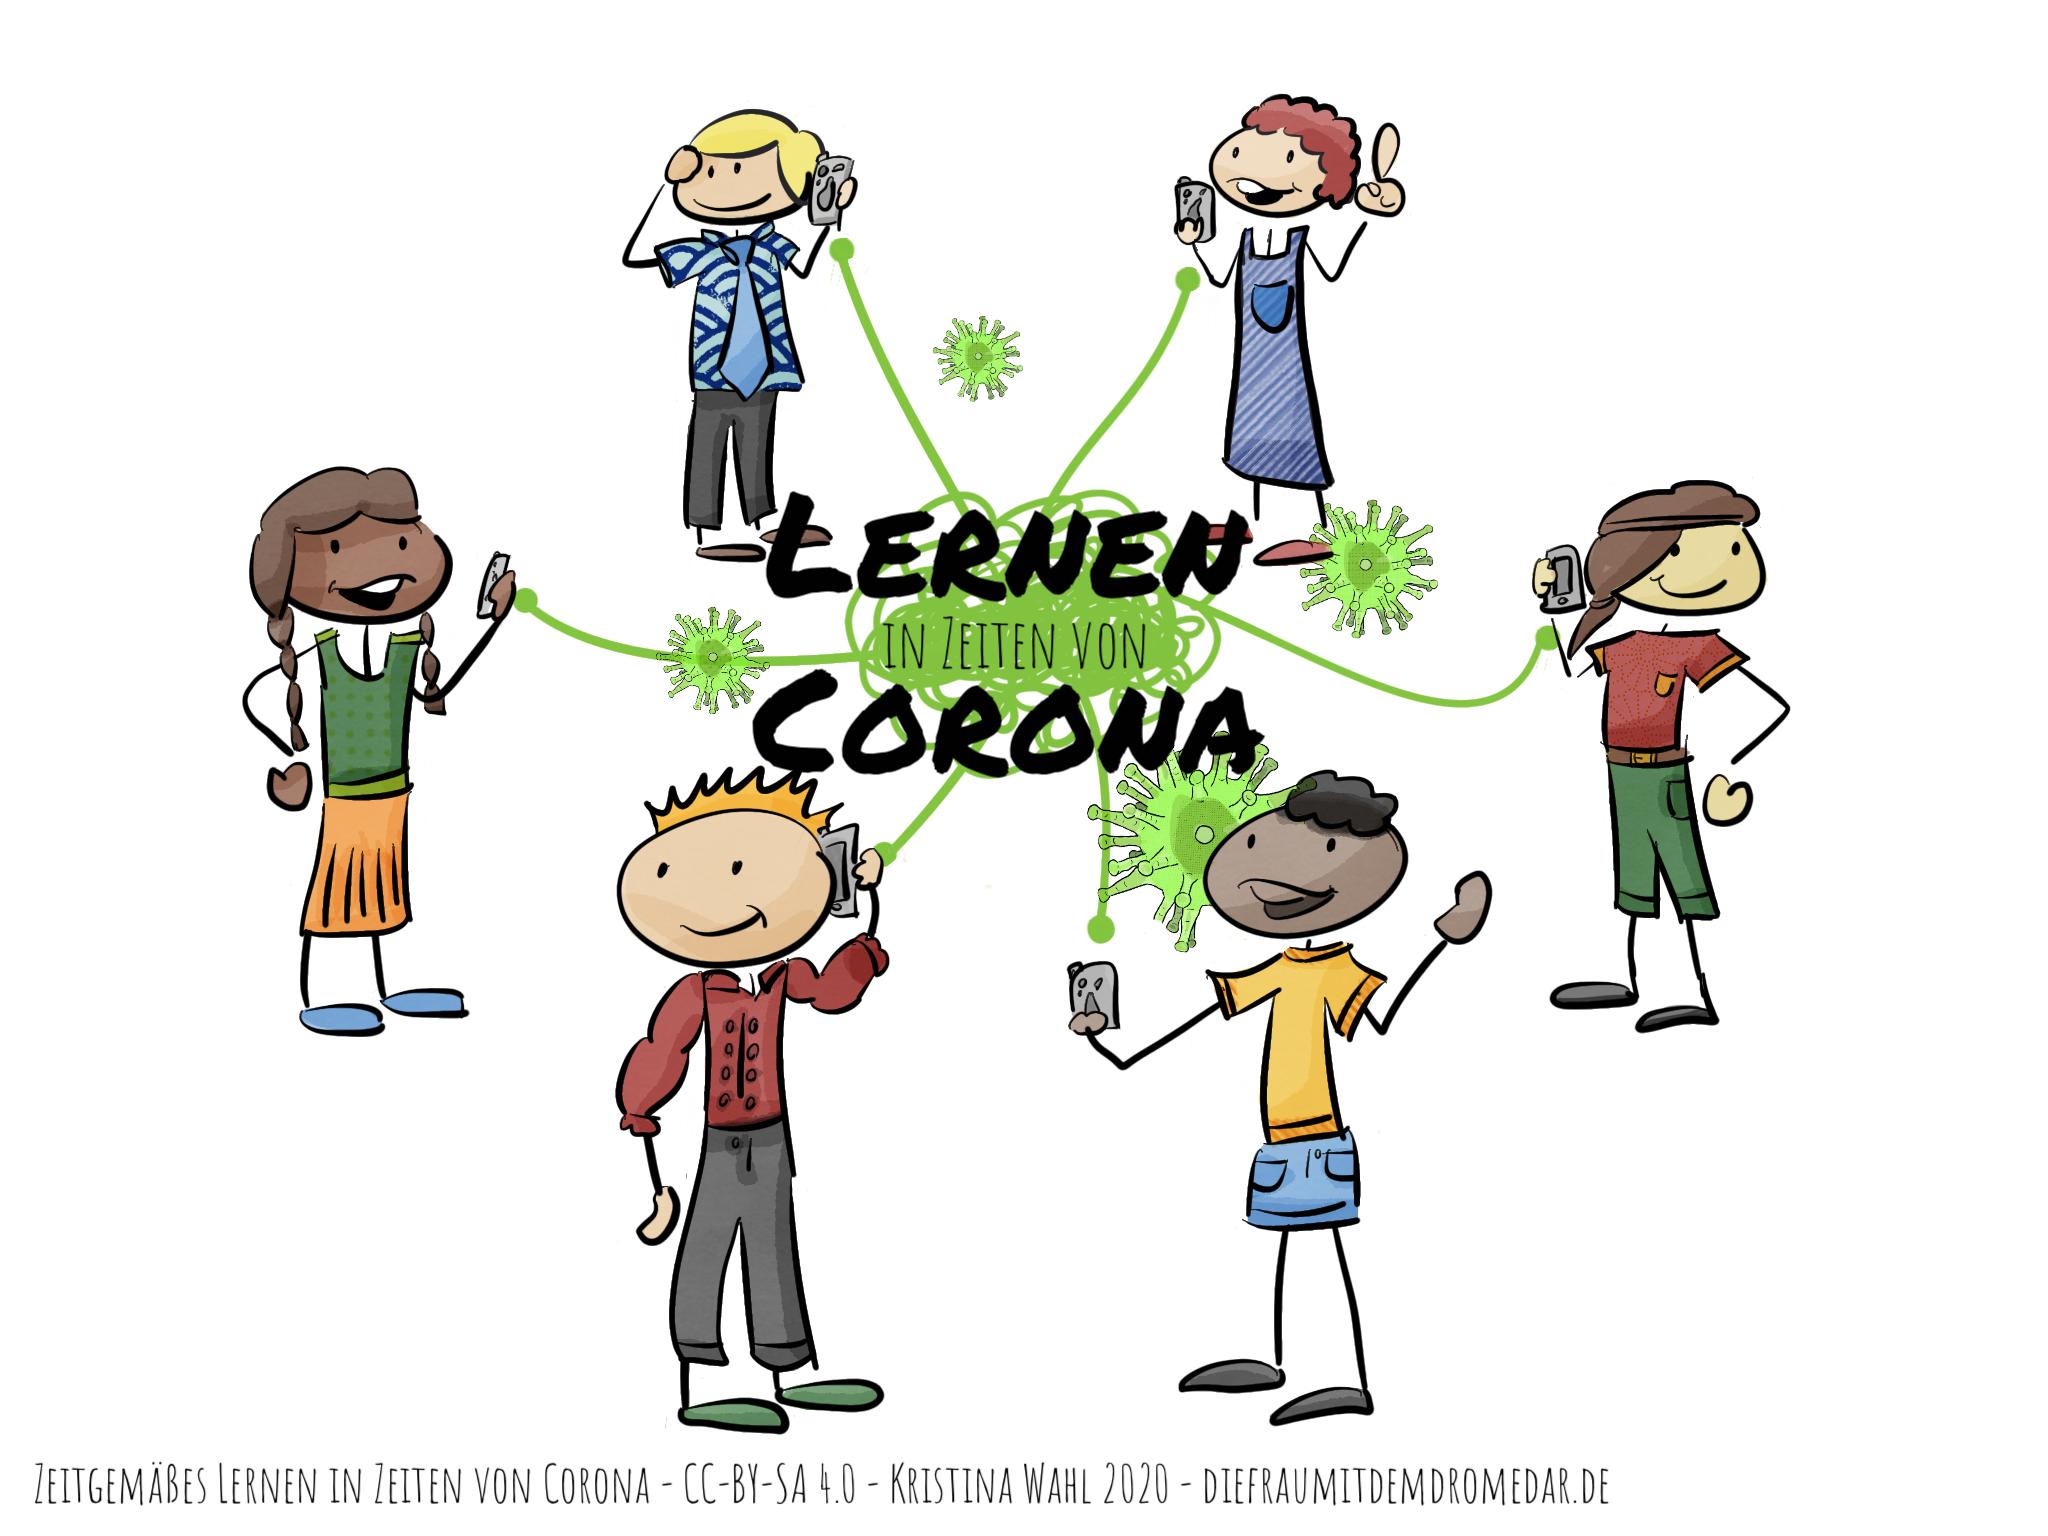 #RemoteLearning in Zeiten von Schulschließungen wegen des Coronavirus